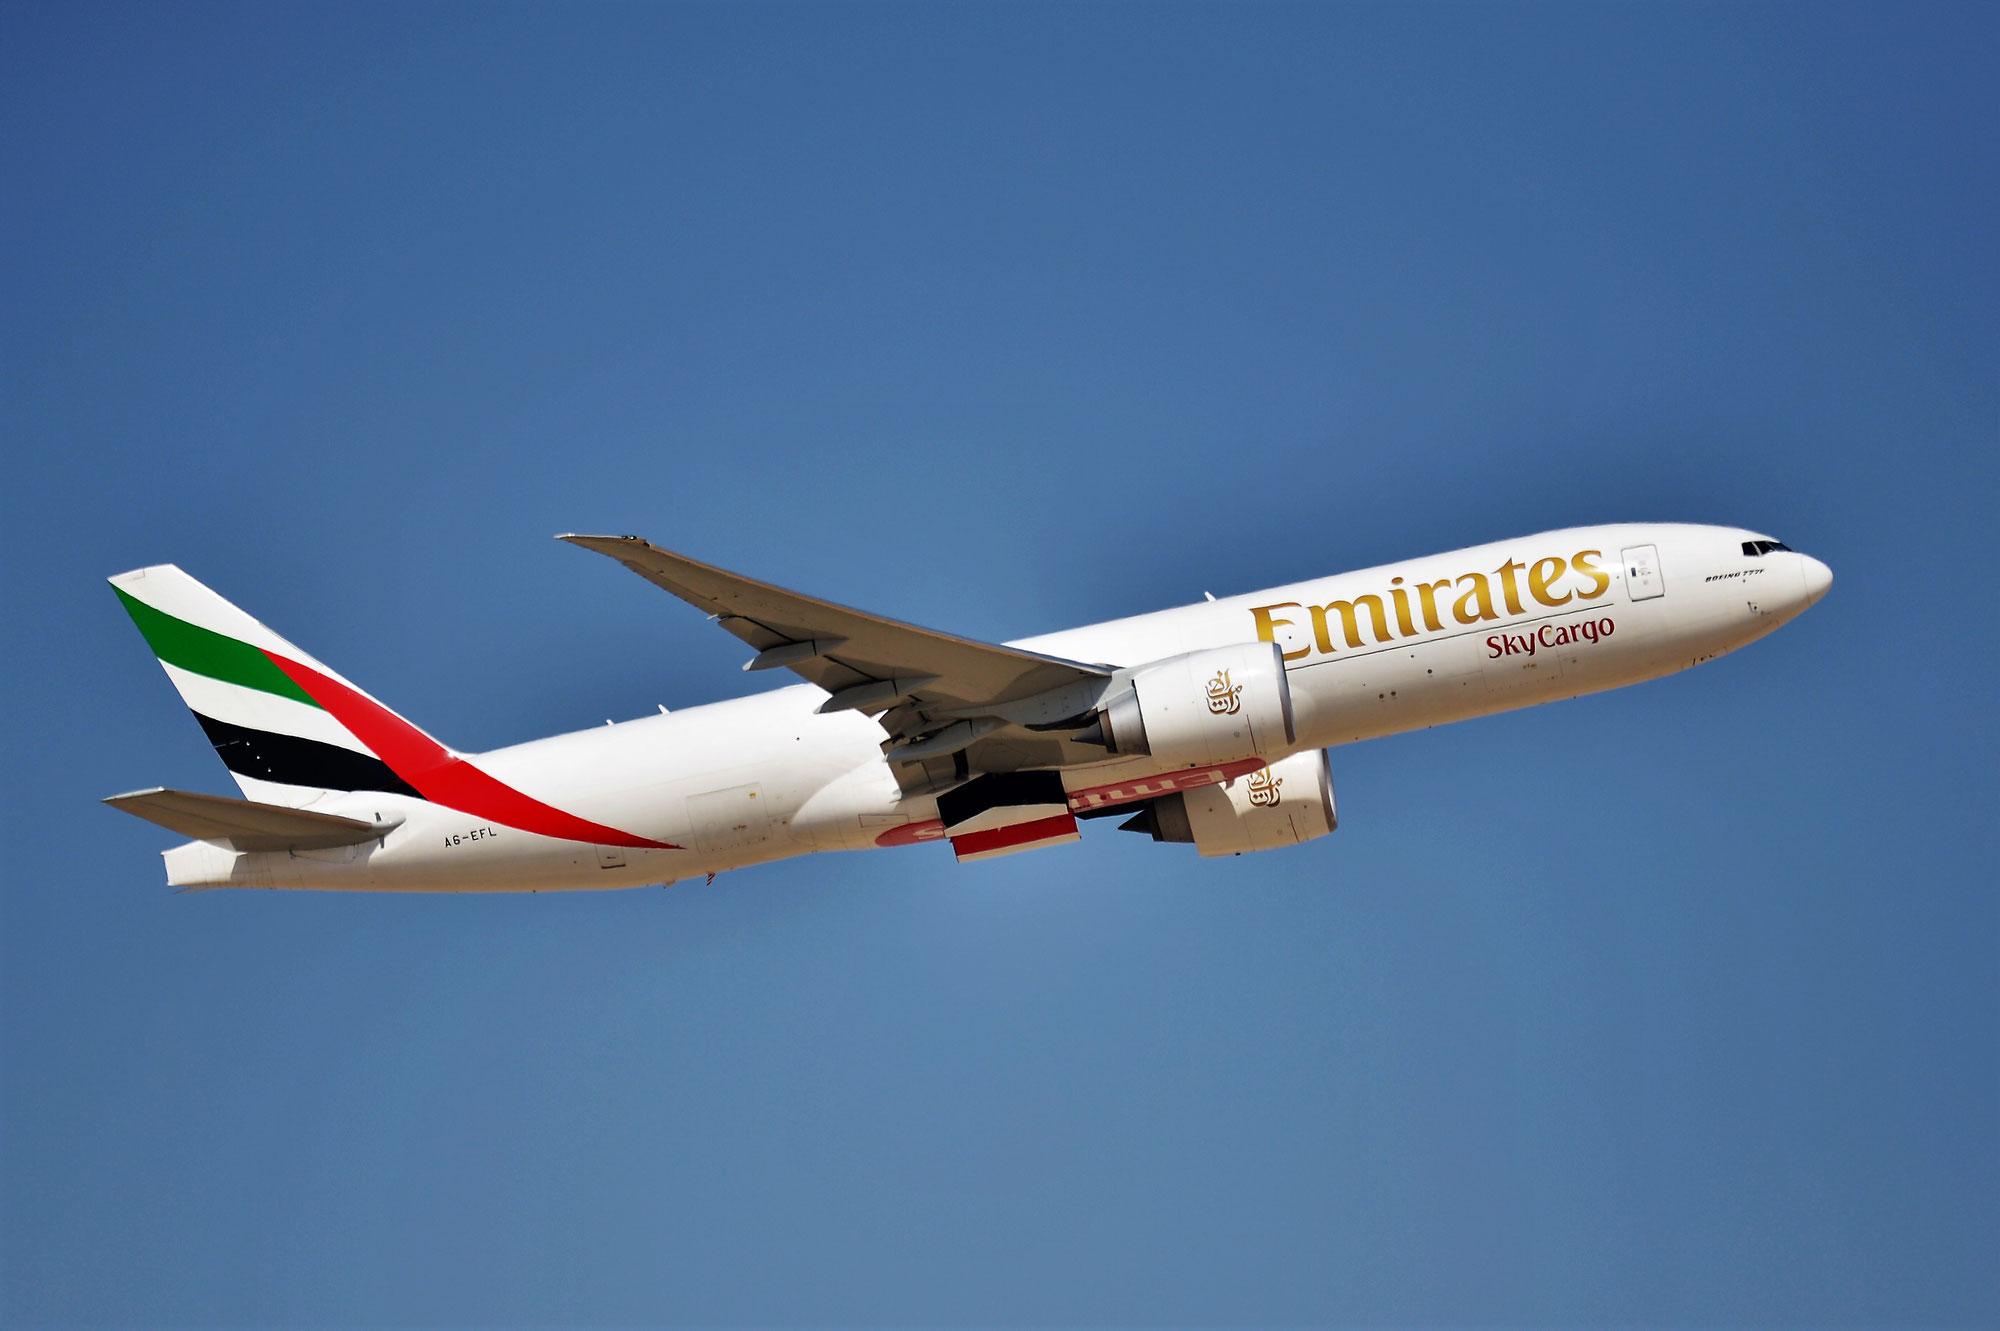 1 vaccin contre la COVID-19 sur 20 administrés dans le monde a transité par Dubaï à bord d'un avion Emirates